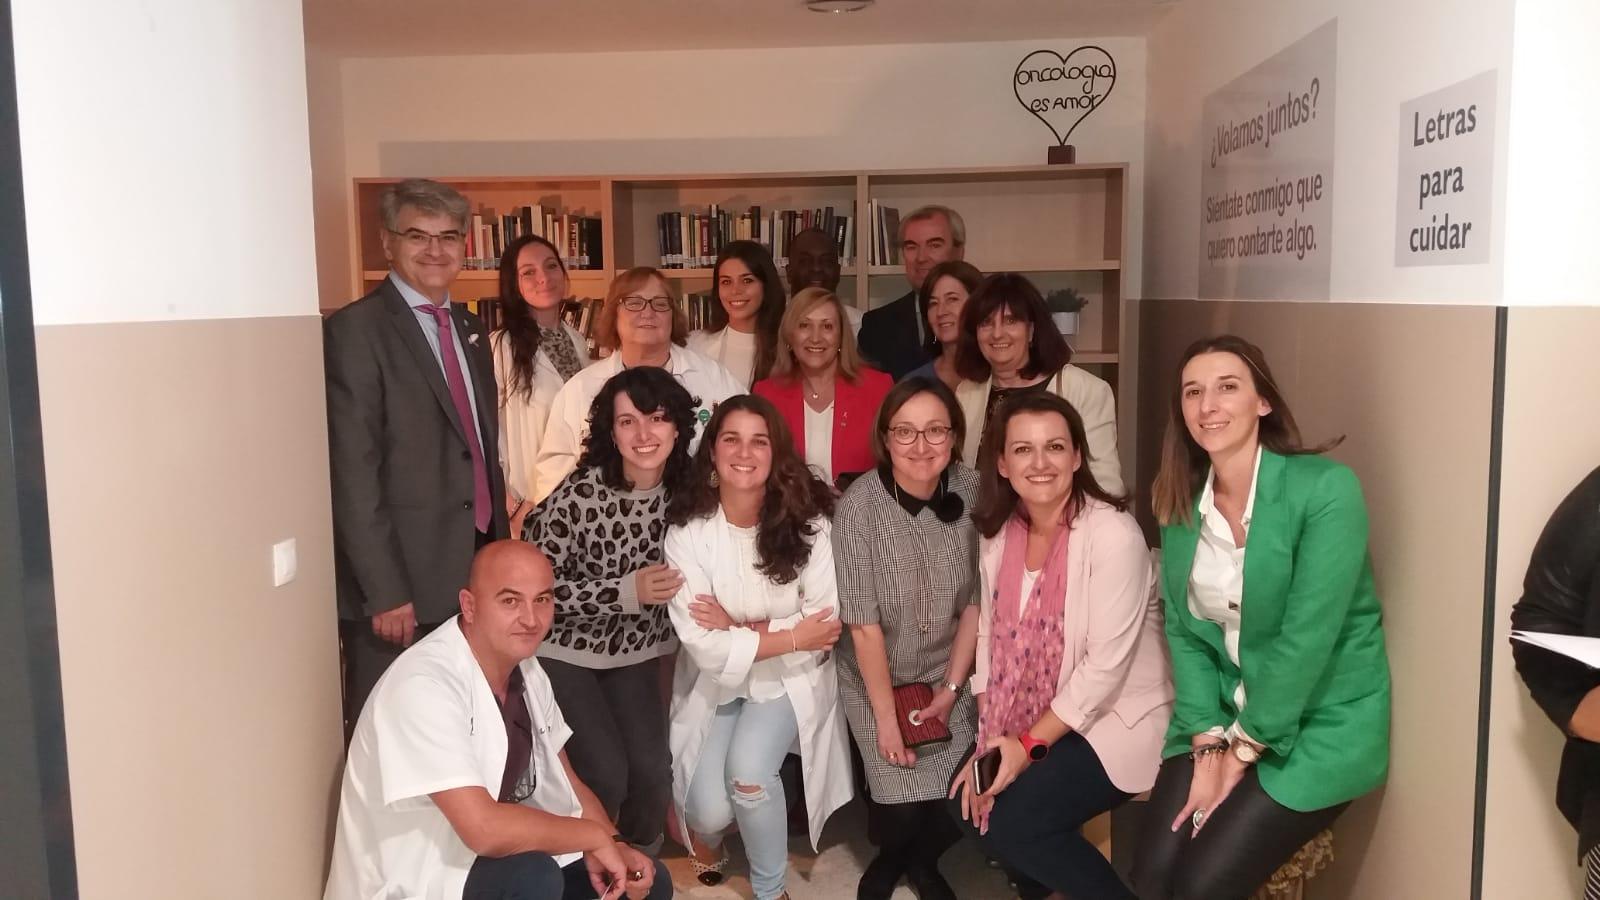 El SES pone en marcha LETRAS PARA CUIDAR, destinado a pacientes y familiares de oncología y hematología en el Hospital Universitario de Badajoz